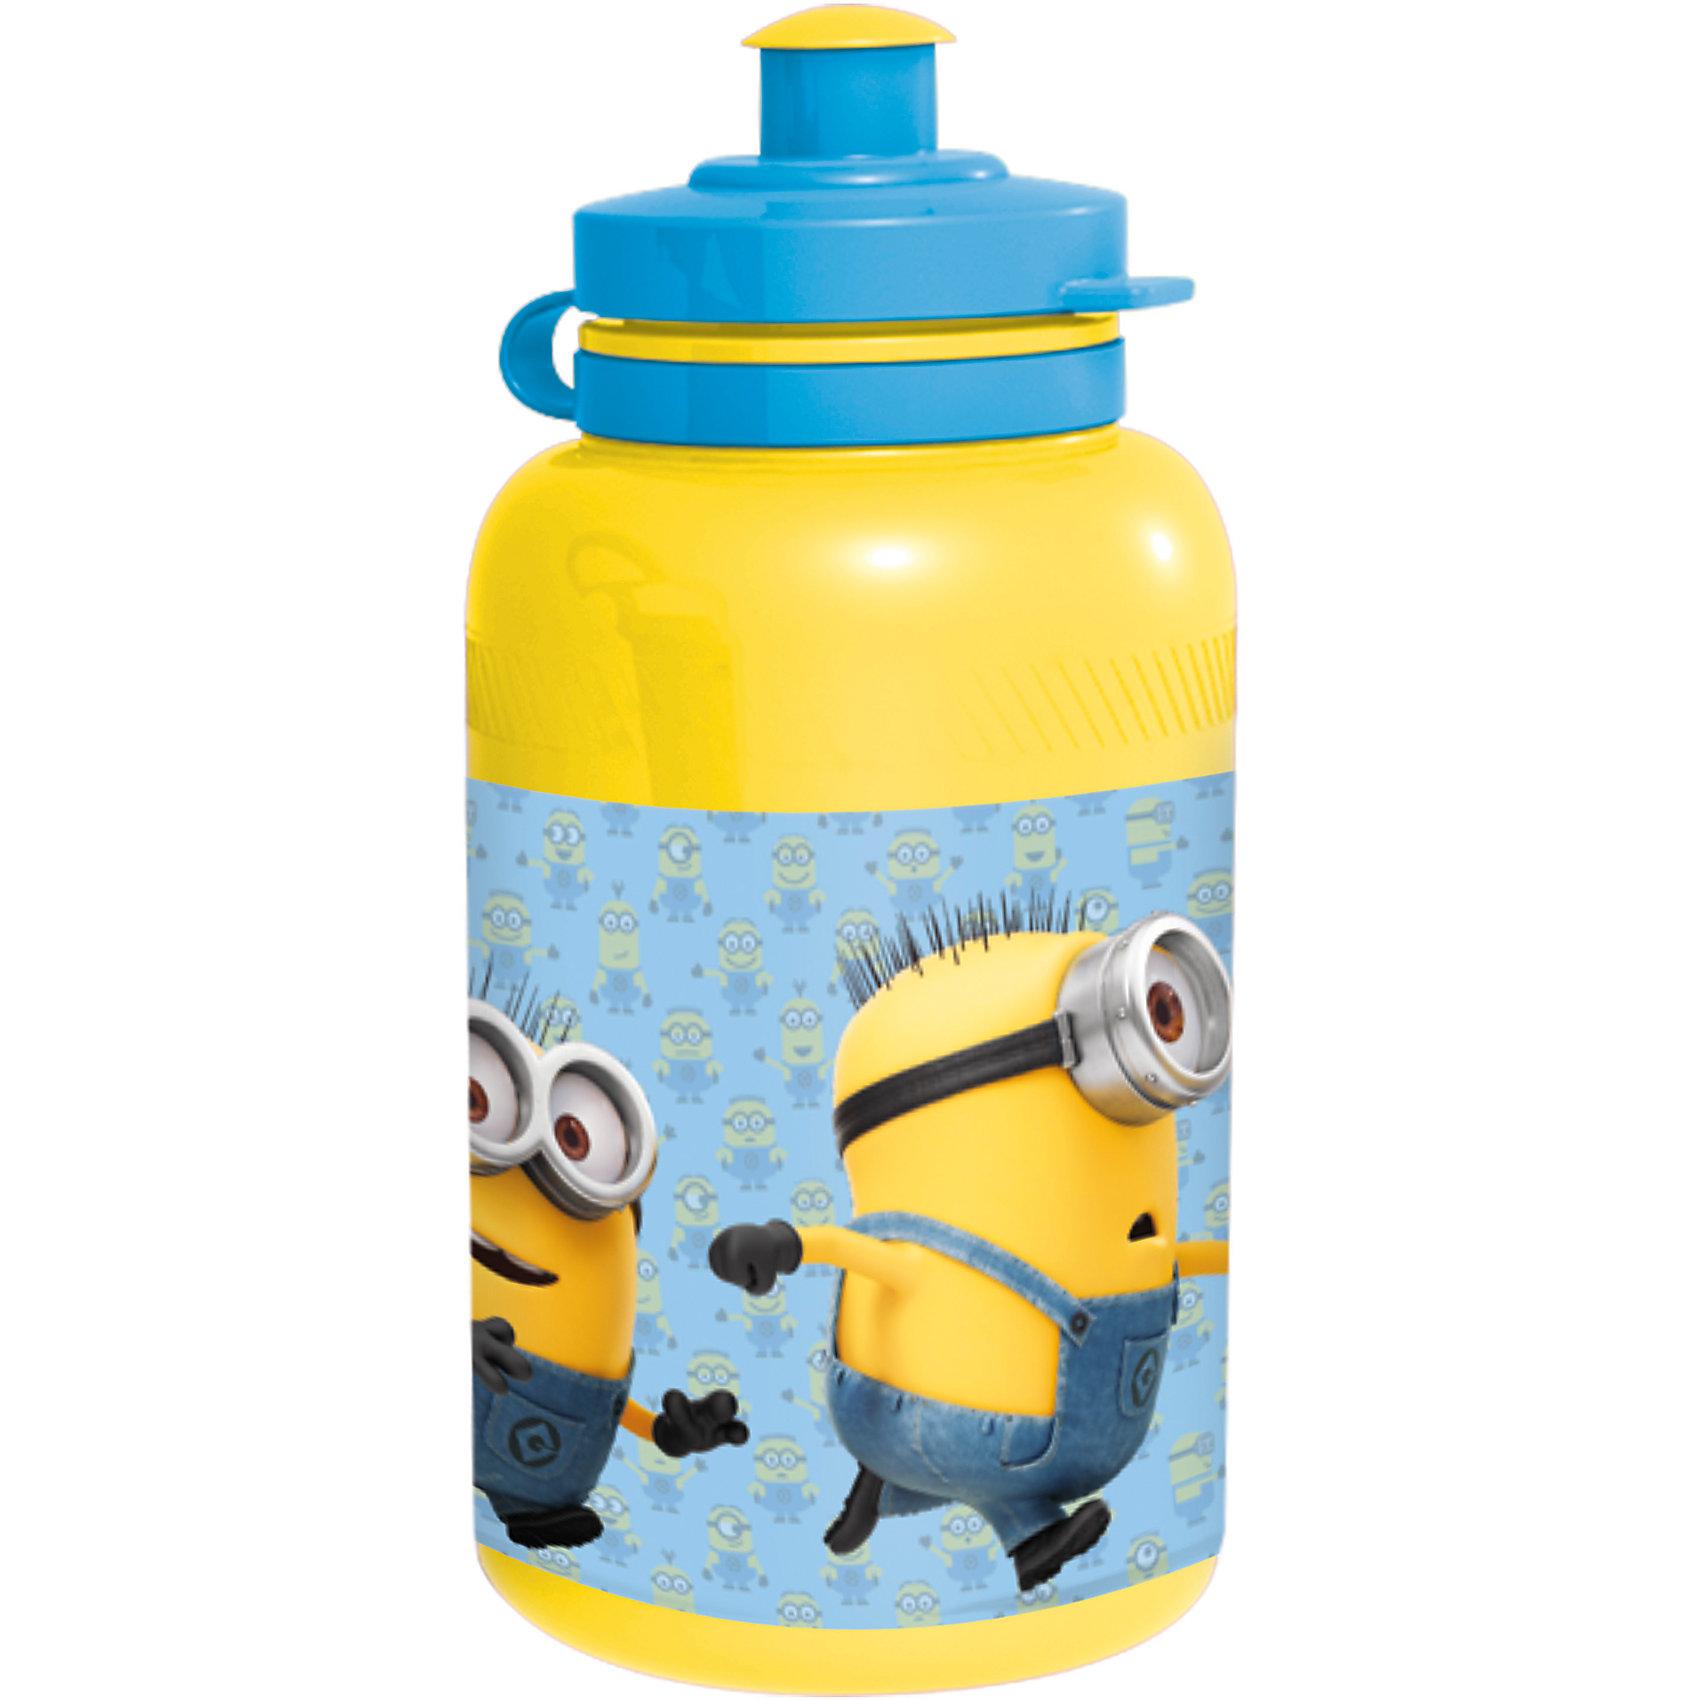 Бутылка пластиковая Миньоны 400 млБутылки для воды и бутербродницы<br>Характеристики товара:<br><br>• материал: пластик<br>• украшена рисунком<br>• размер: 6,5х6,5х15 см<br>• вес: 40 г<br>• объем: 400 мл<br>• страна бренда: Испания<br>• страна производства: Китай<br><br>Такая бутылка станет отличным подарком для ребенка! Она отличается тем, что на предмете изображены персонажи из мультфильма Миньоны. Есть или пить из предметов с любимым героем многих современных детей - всегда приятнее. Бутылочка очень удобна, объем оптимален для детей, сюда как раз вместится необходимый для одной тренировки объем воды. Плюс - изделие дополнено специальной крышкой. Использовать его можно и в школе, и на улице!<br>Бутылка выпущена в удобном формате, размер - универсальный. Изделие производится из качественных и проверенных материалов, которые безопасны для детей.<br><br>Бутылку пластиковую Миньоны 400 мл можно купить в нашем интернет-магазине.<br><br>Ширина мм: 65<br>Глубина мм: 65<br>Высота мм: 150<br>Вес г: 40<br>Возраст от месяцев: 36<br>Возраст до месяцев: 108<br>Пол: Унисекс<br>Возраст: Детский<br>SKU: 5282071